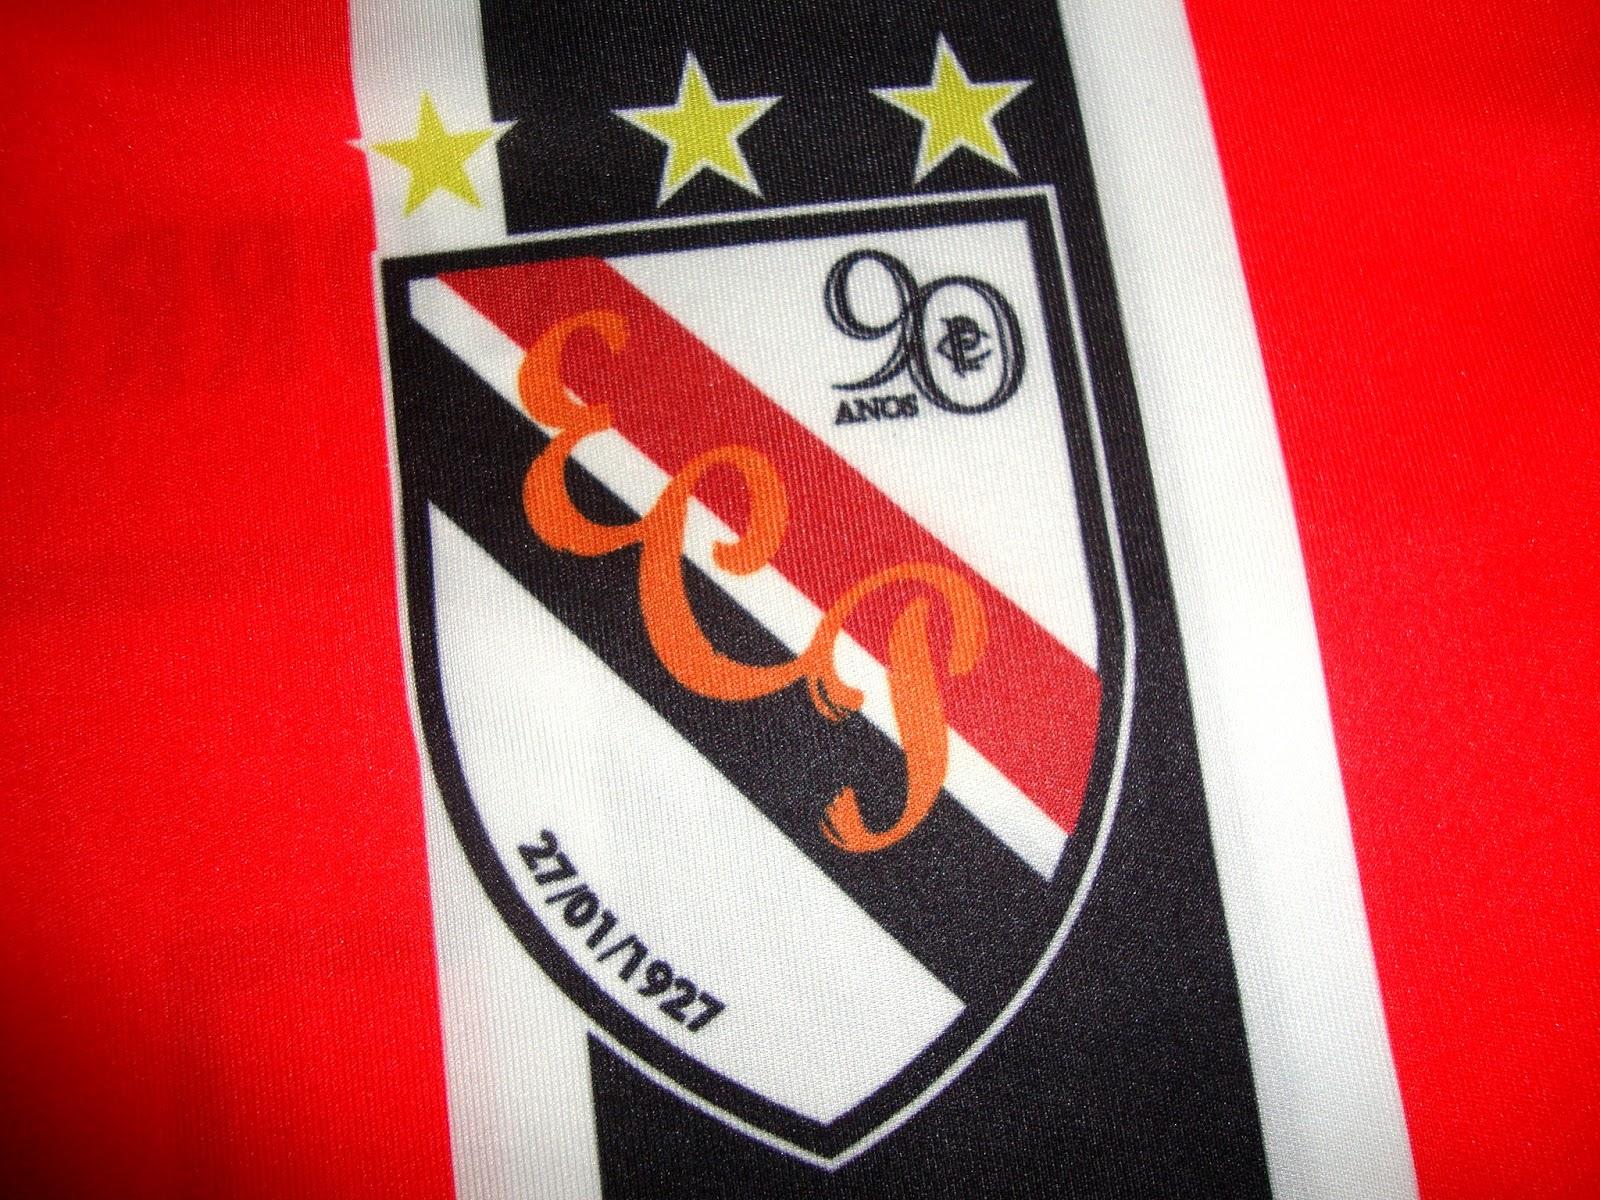 5d748377d4 ... a maior coleção de camisas internacionais de futebol. A loja faz  entregas no mundo todo e usando o cupom